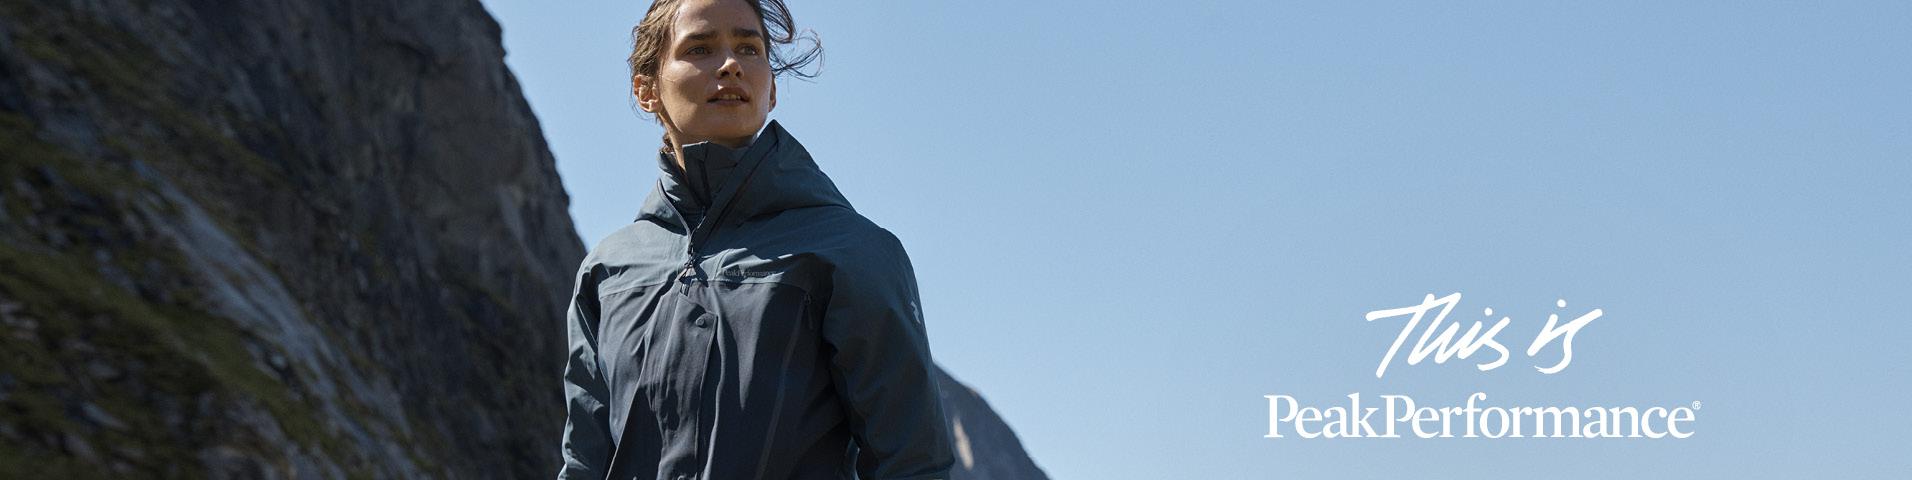 b96876ad Peak Performance Sportsklær & Utstyr | | Kjøp treningsklær og ...